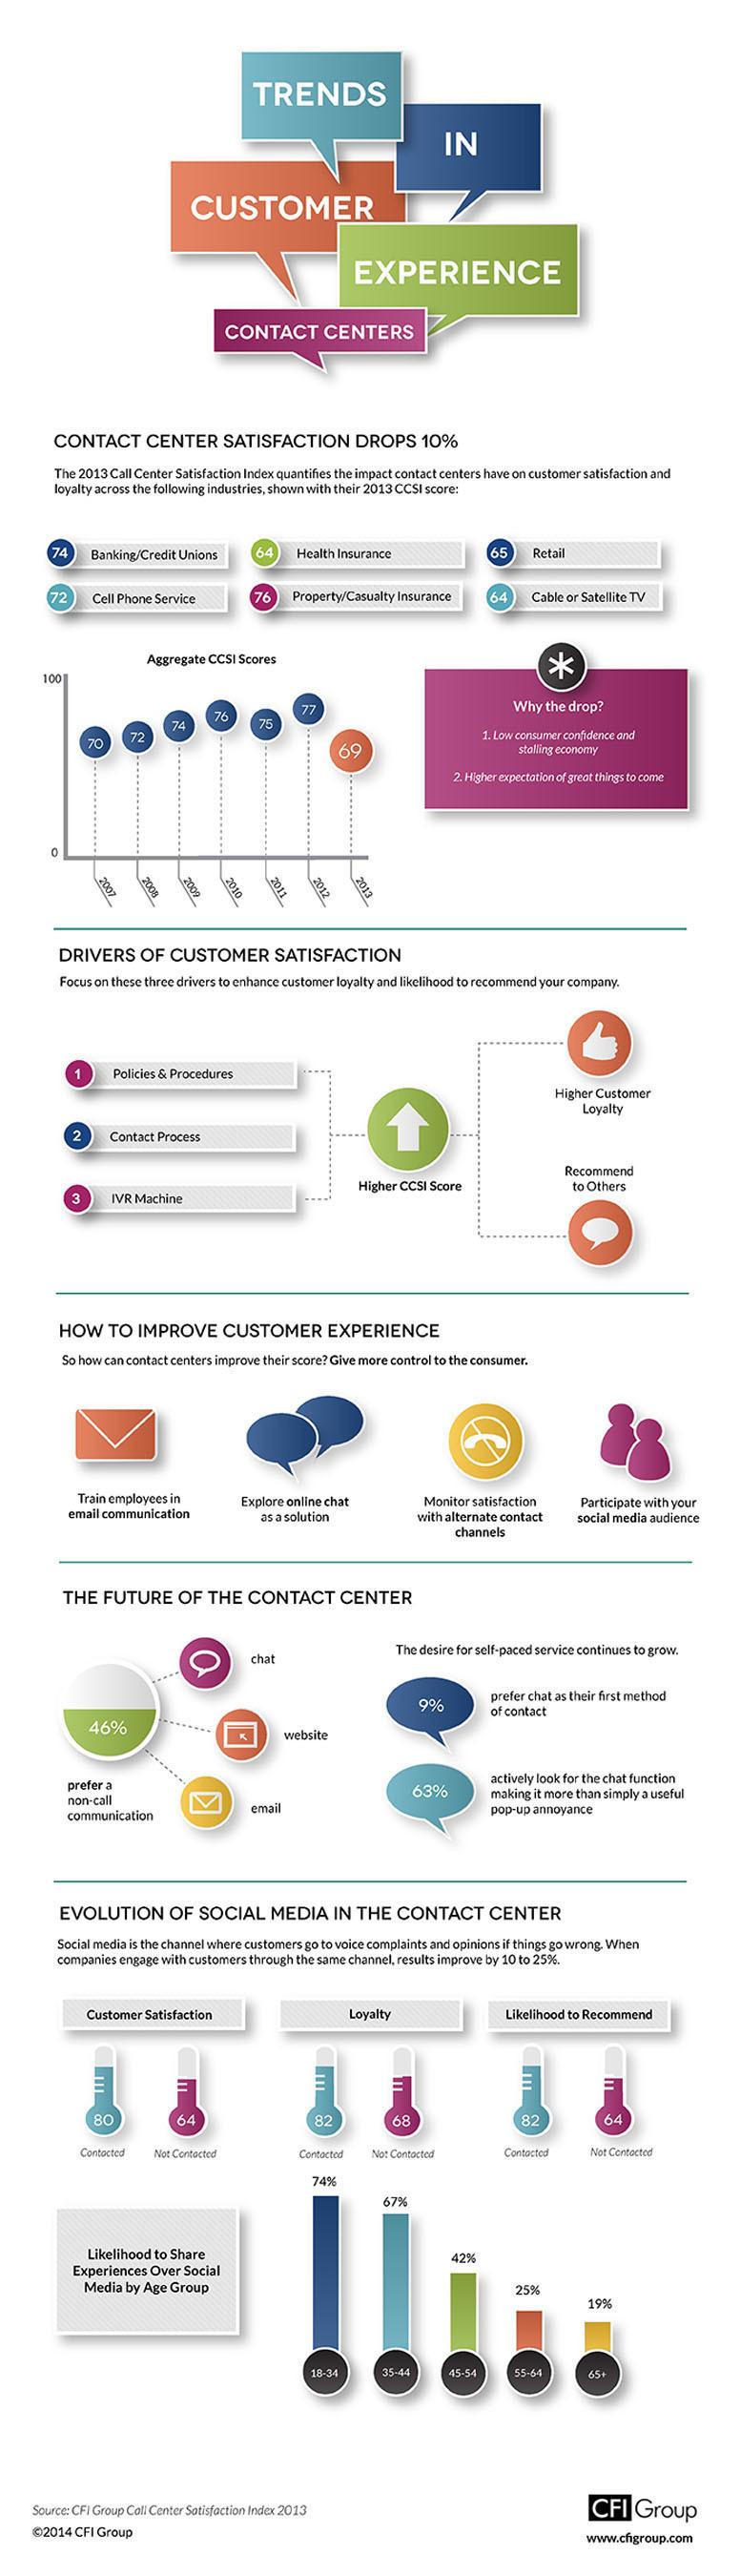 2013 CFI Group Contact Center Satisfaction Index. (PRNewsFoto/CFI Group) (PRNewsFoto/CFI GROUP)